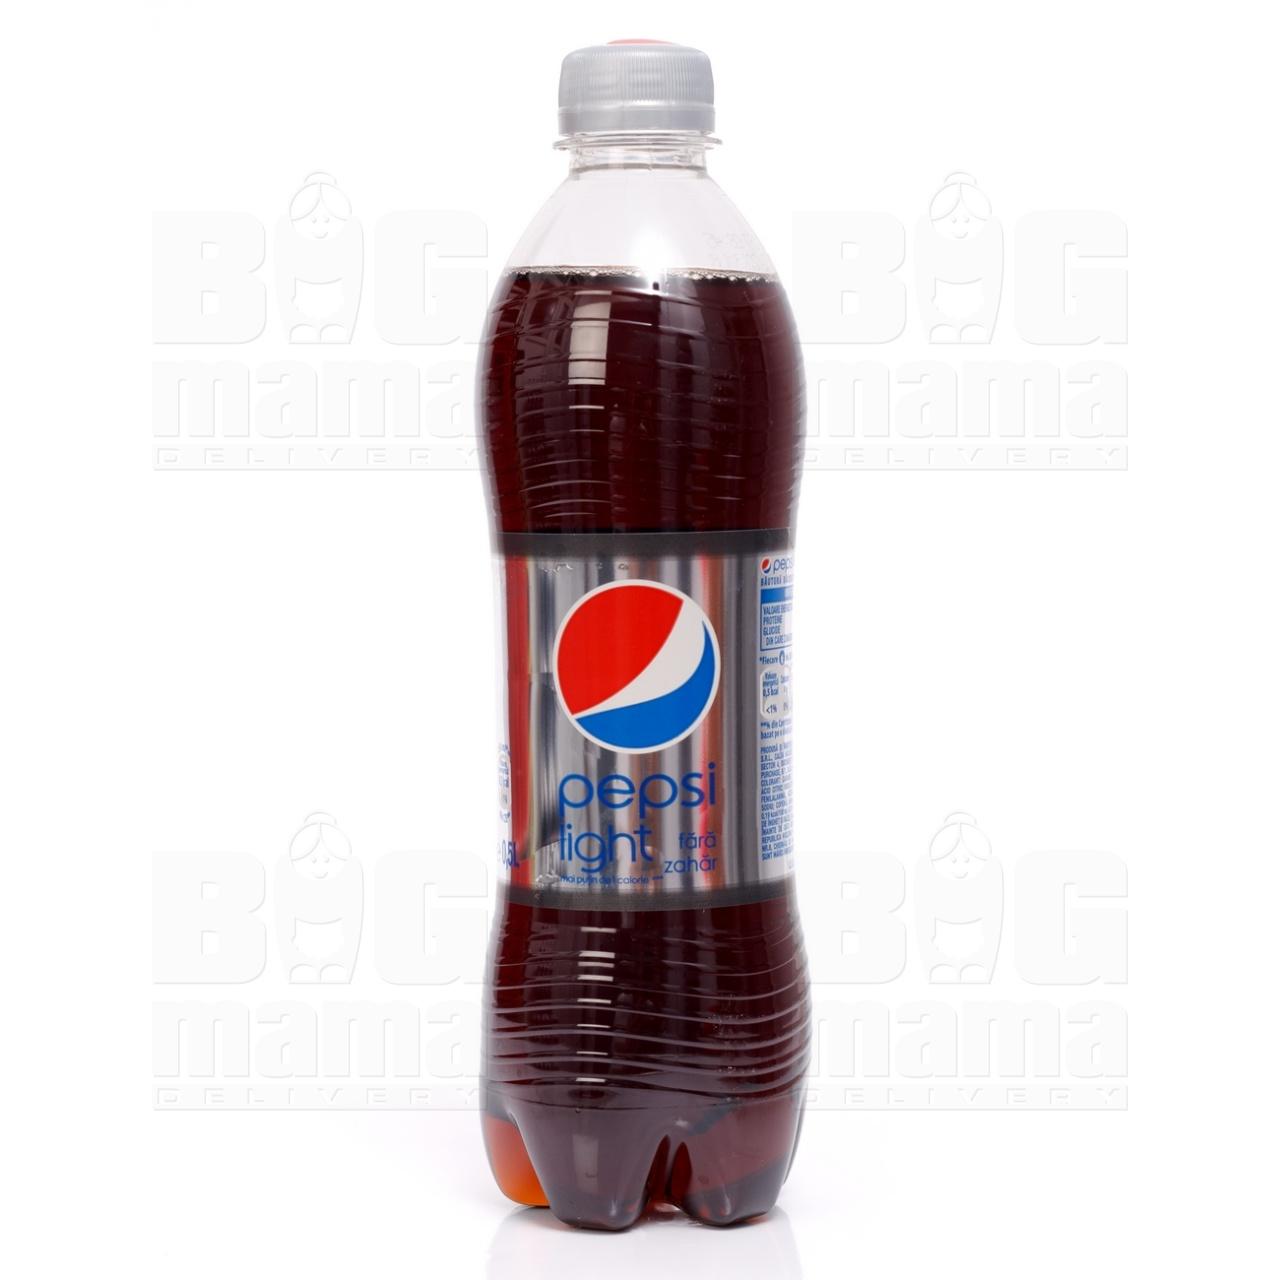 Product #117 image - Pepsi Light (fără zahăr), 0,5L